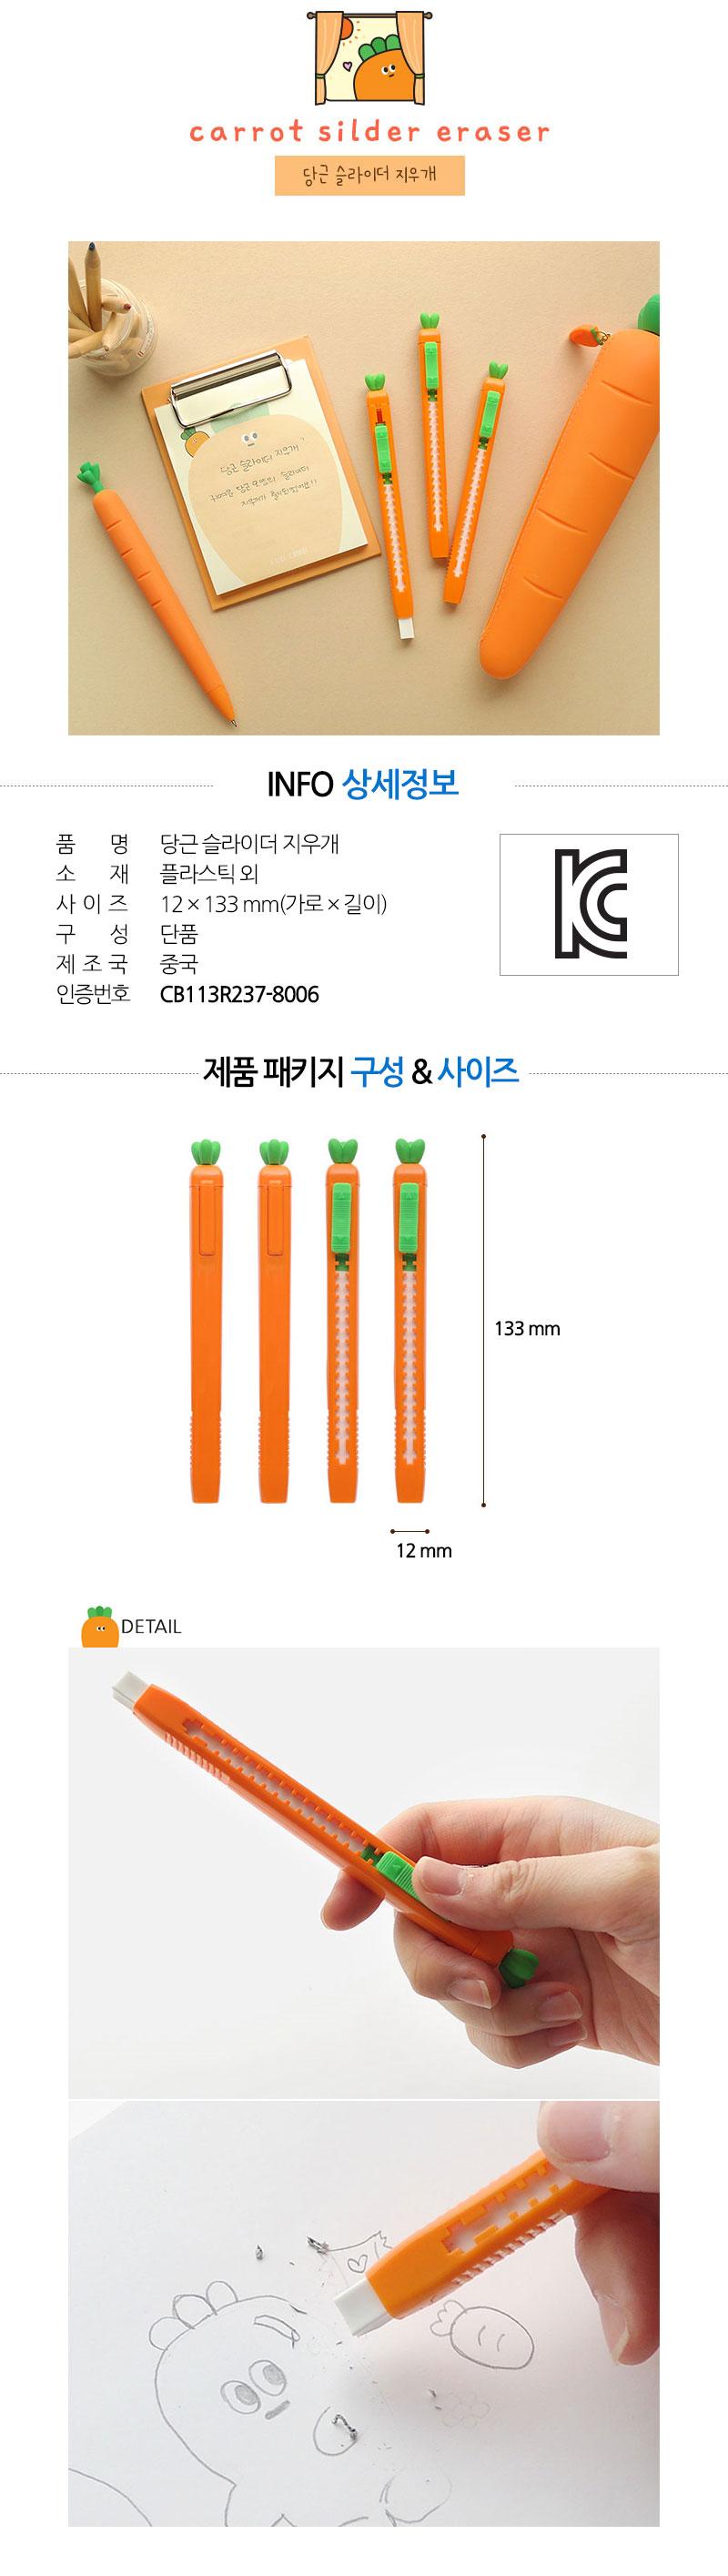 1000당근 슬라이더 지우개 - 킹콩박스, 1,000원, 지우개/수정액, 캐릭터 지우개